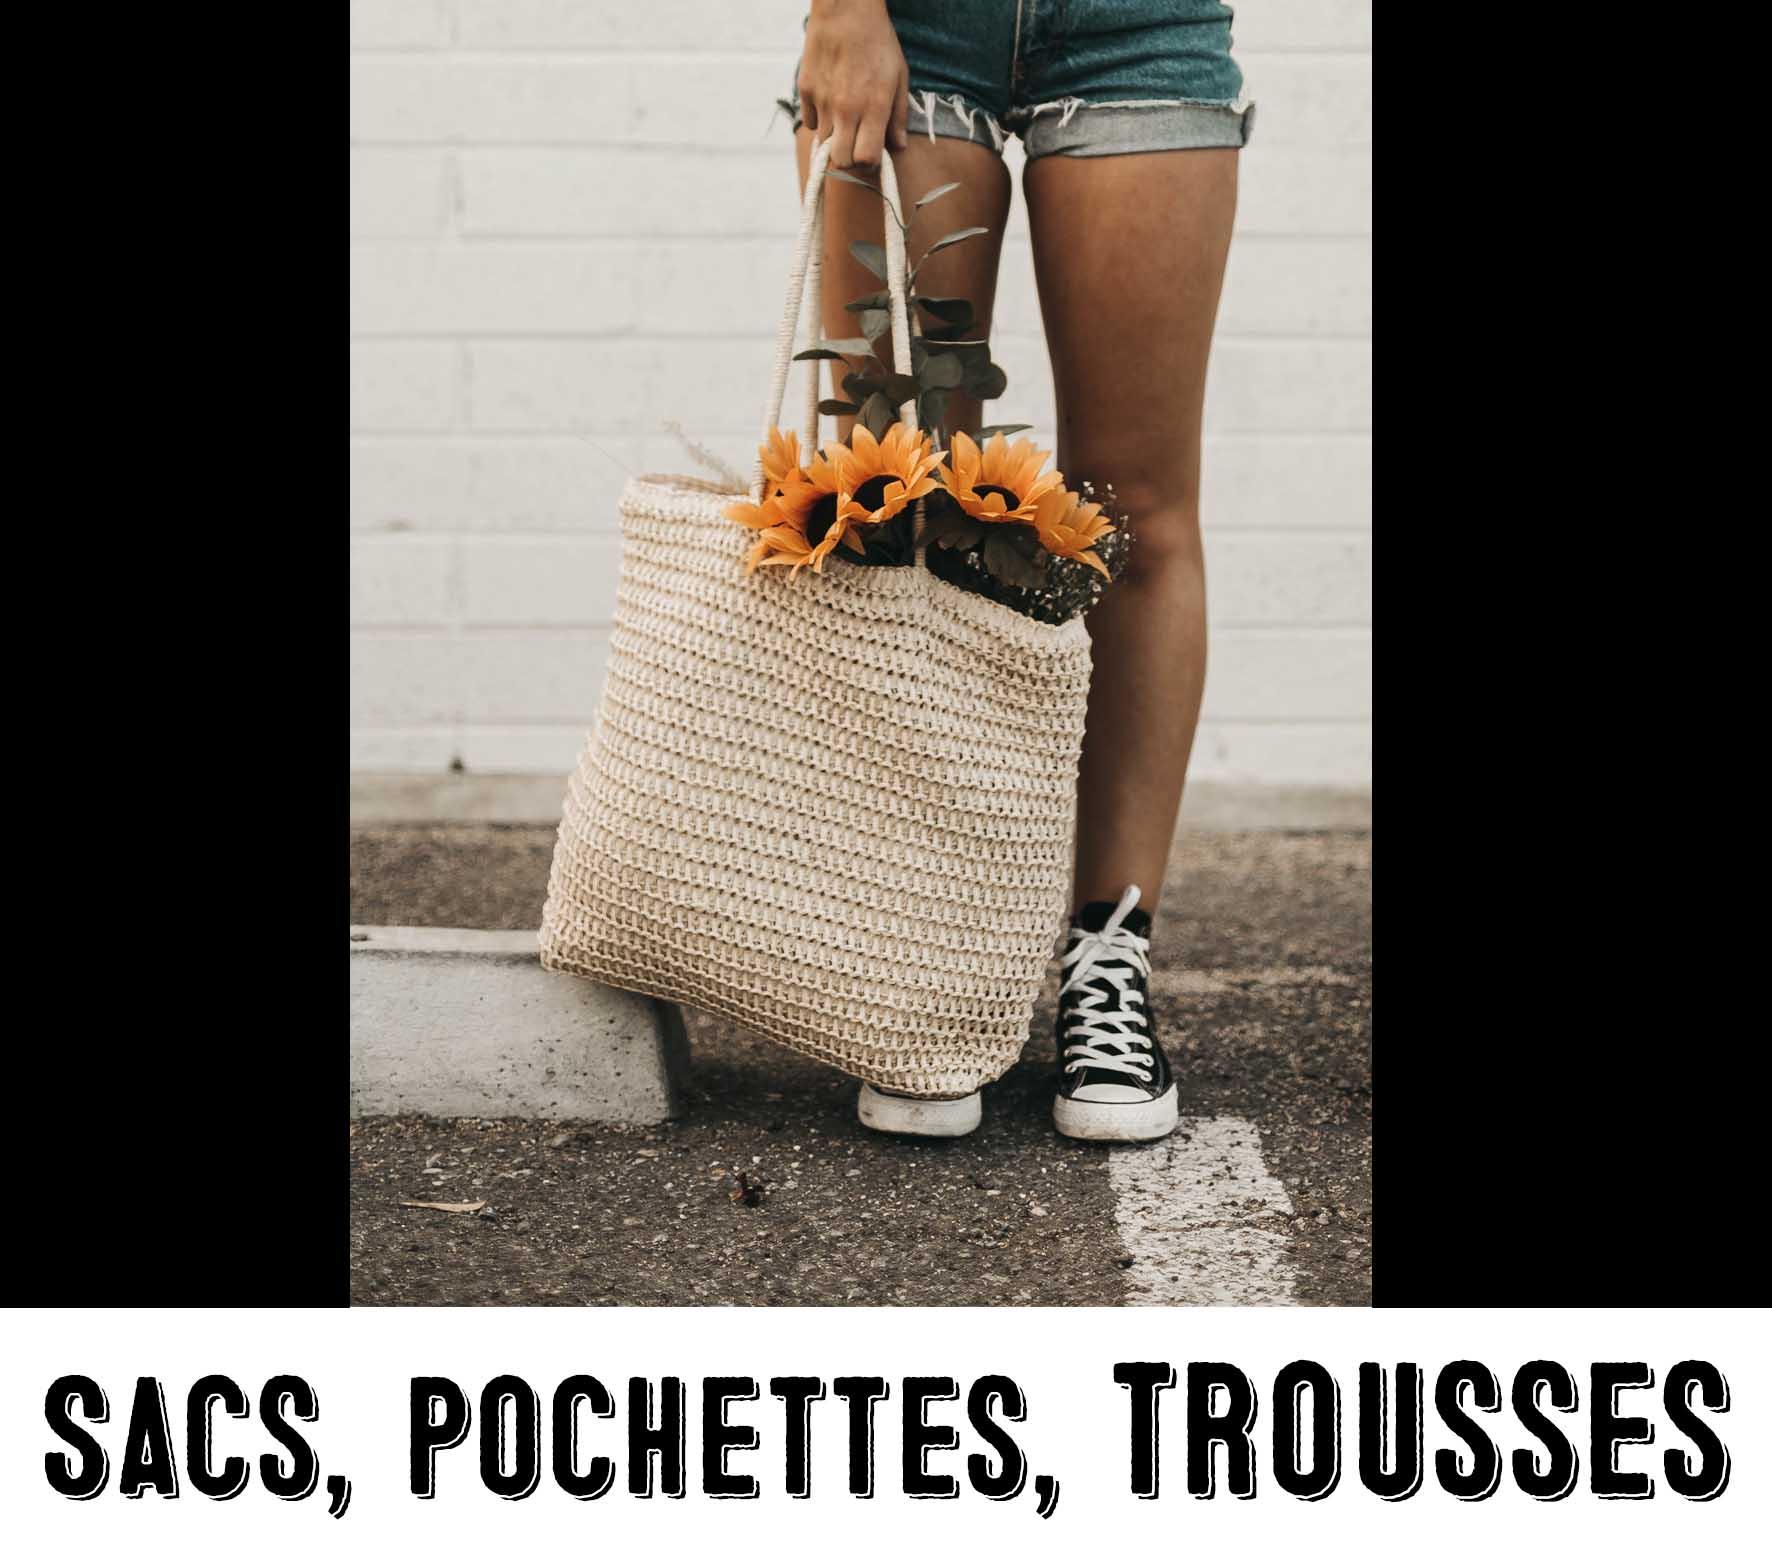 Sac avec des fleurs pour illustrer la catégorie sacs, pochettes et trousses